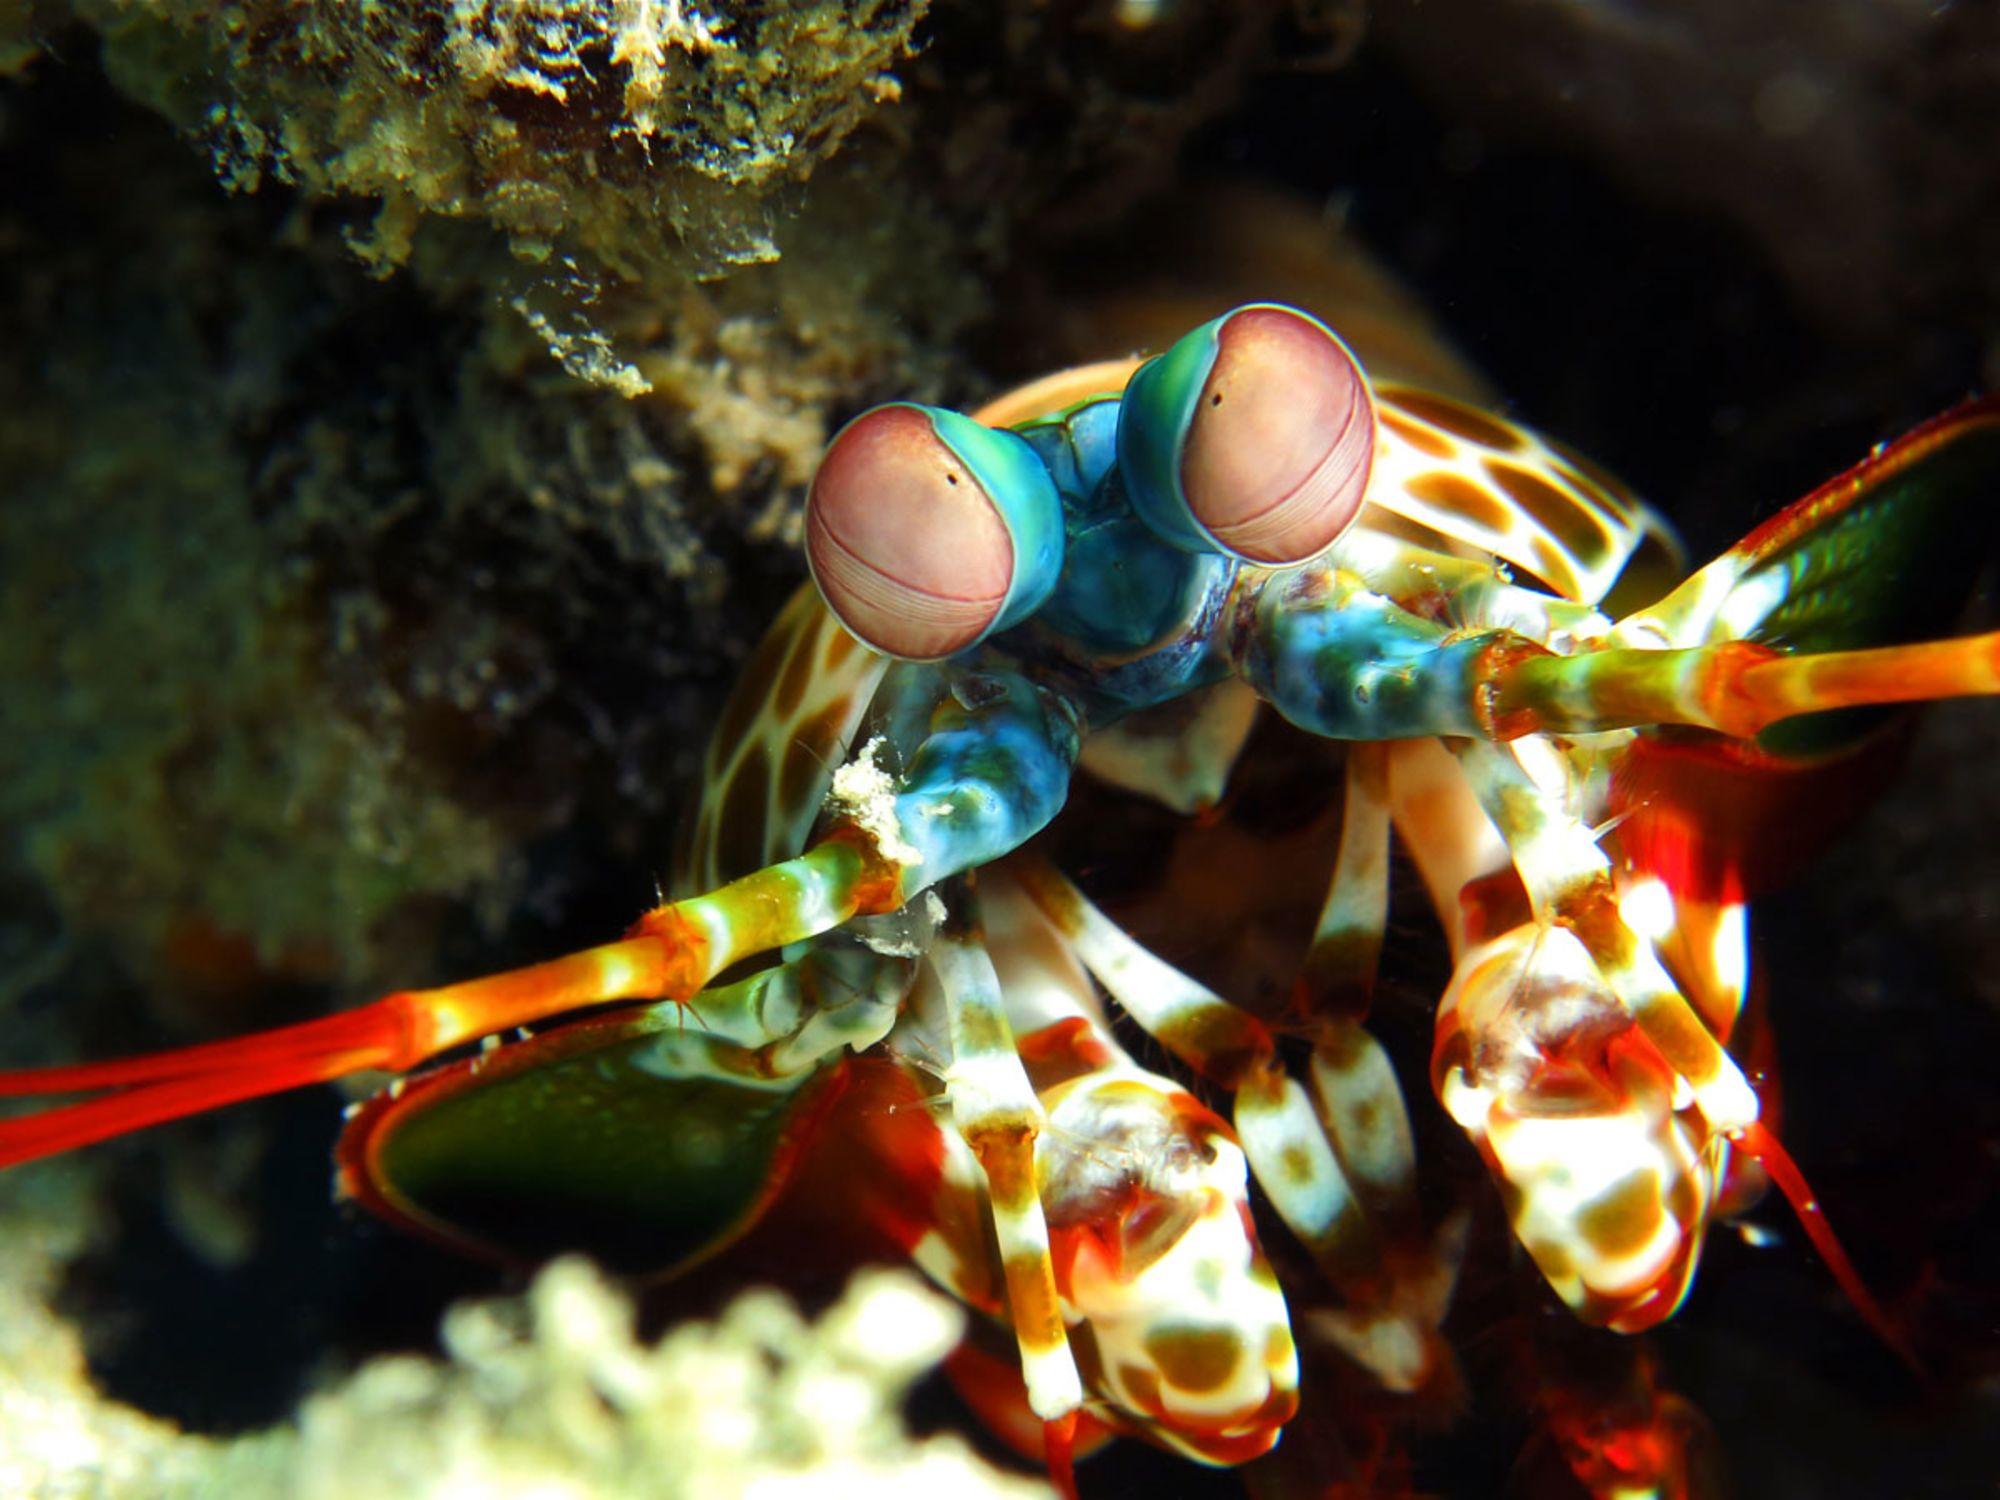 What Happens When a Mantis Shrimp Packs a Punch?